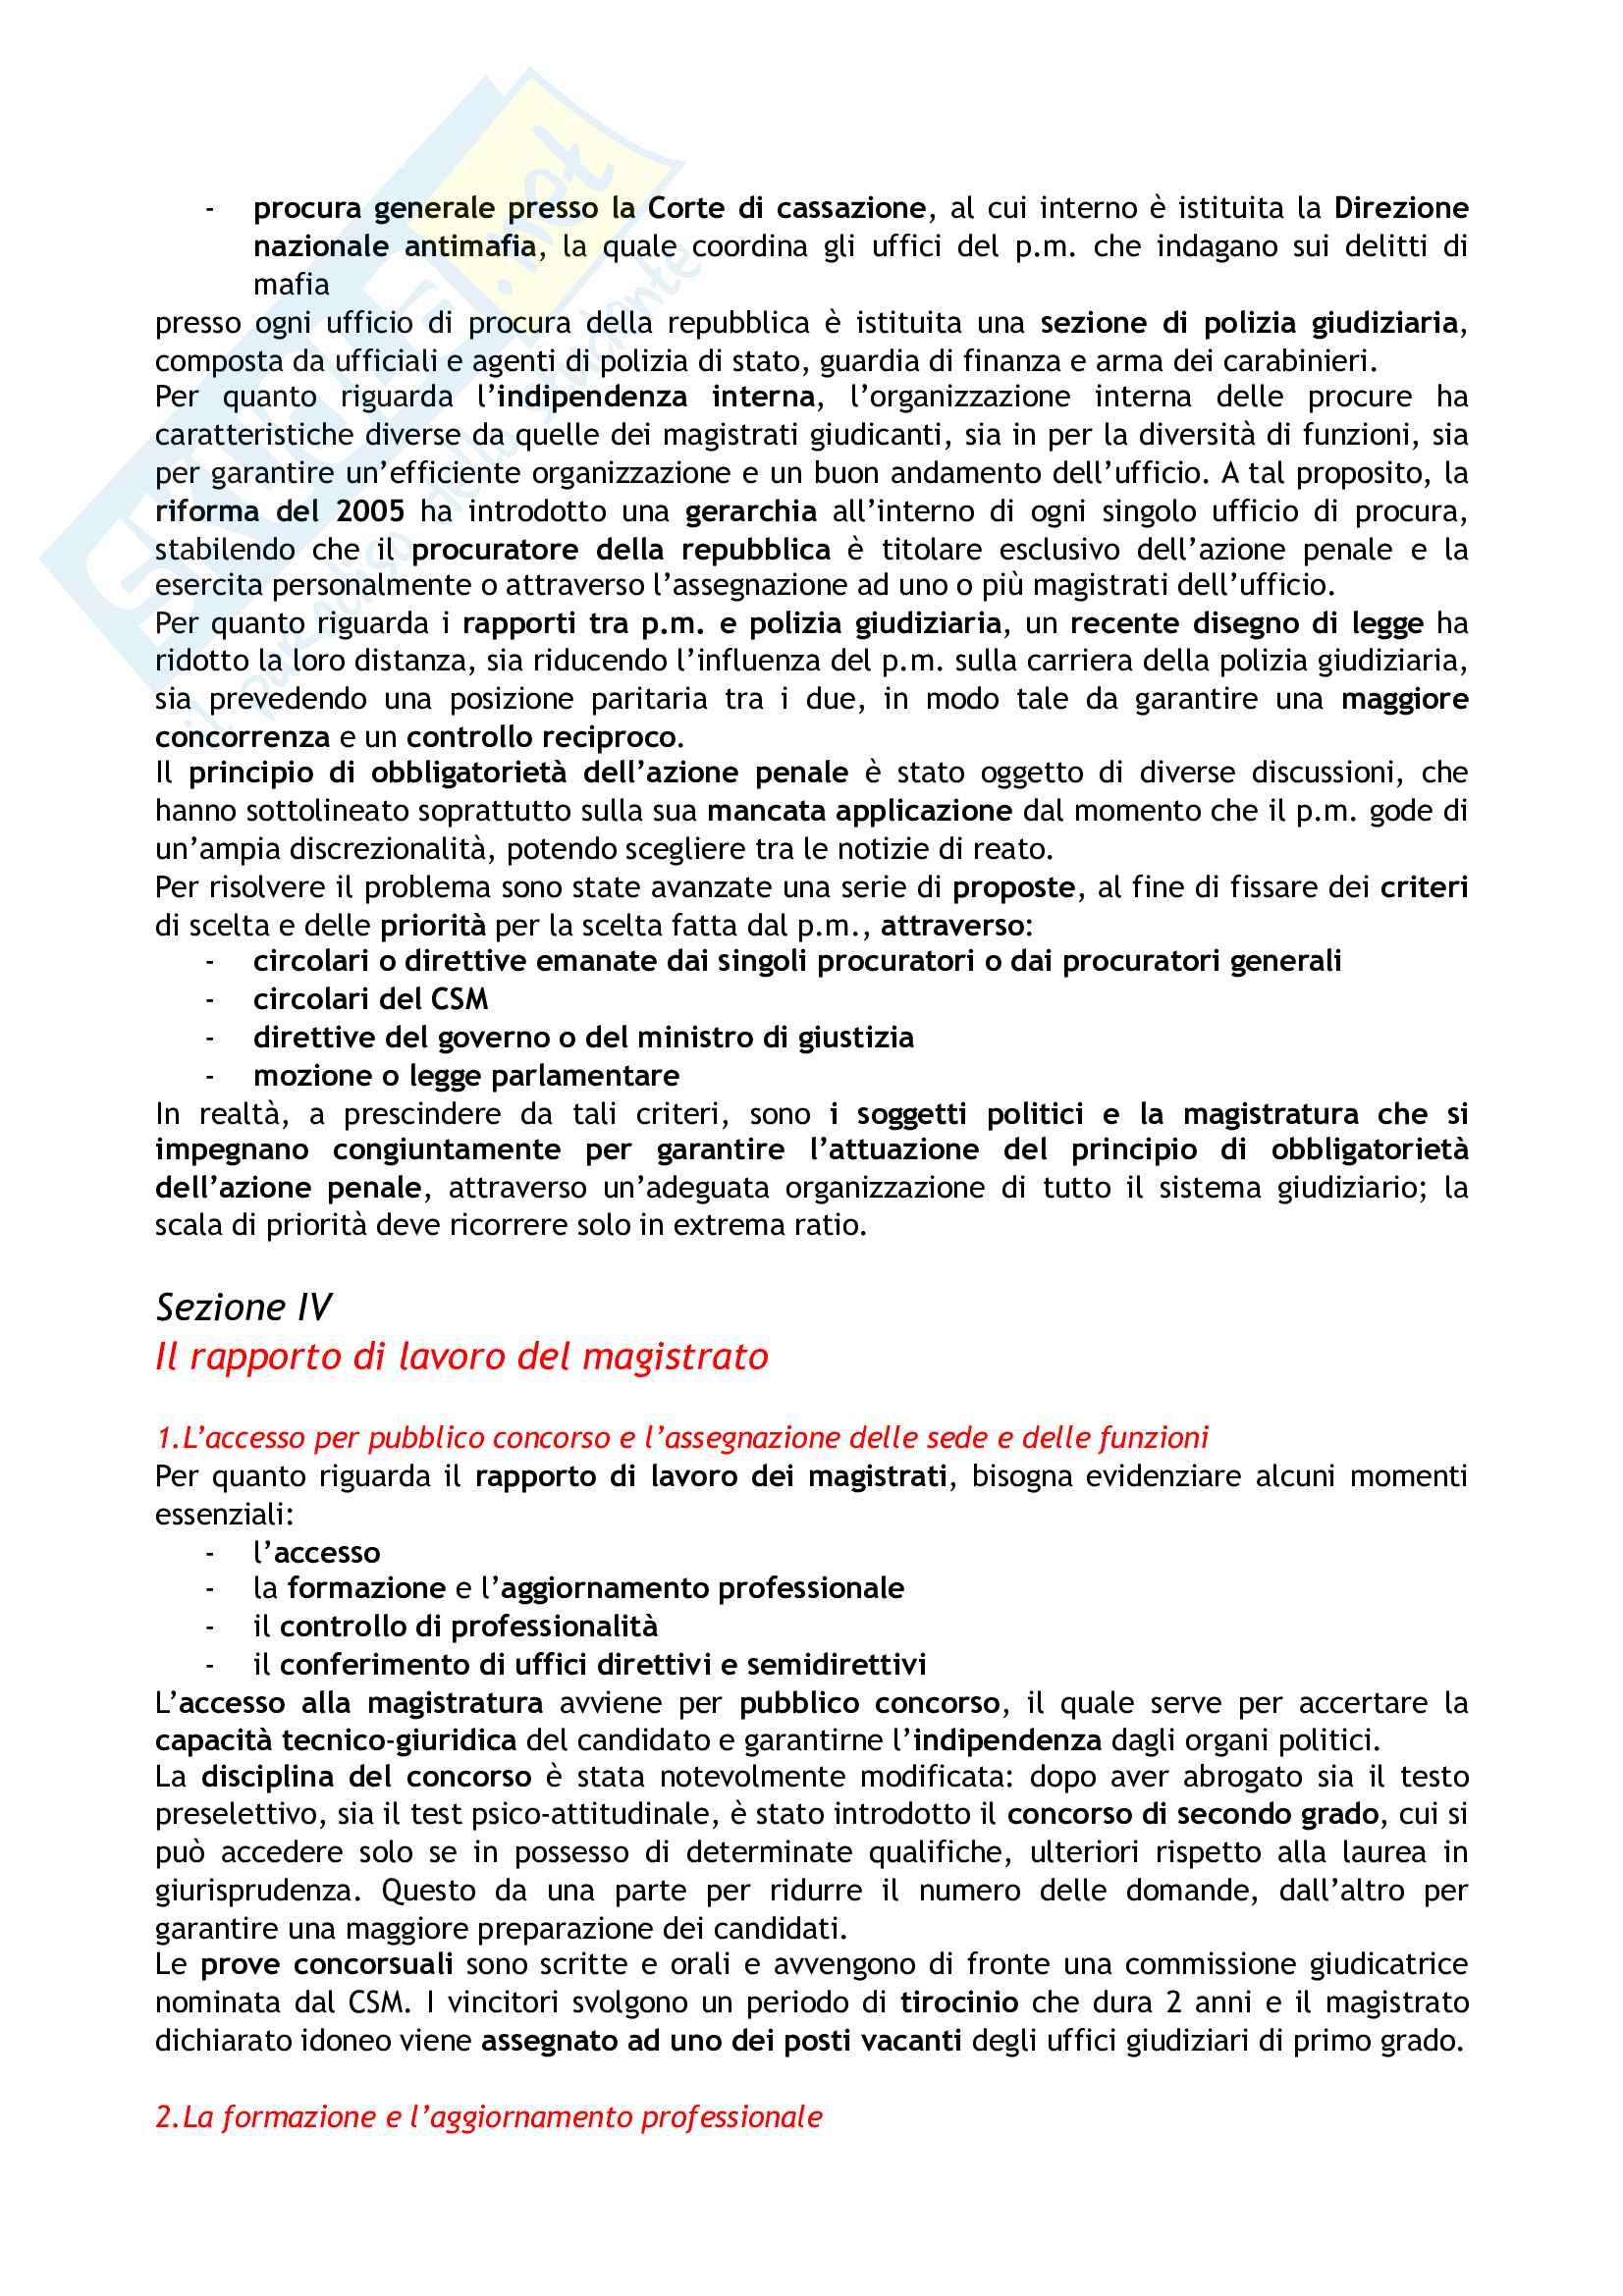 Riassunto esame Diritto costituzionale, prof. Tartaglia Polcini, libro consigliato Manuale di diritto costituzionale italiano ed europeo, Romboli Pag. 26